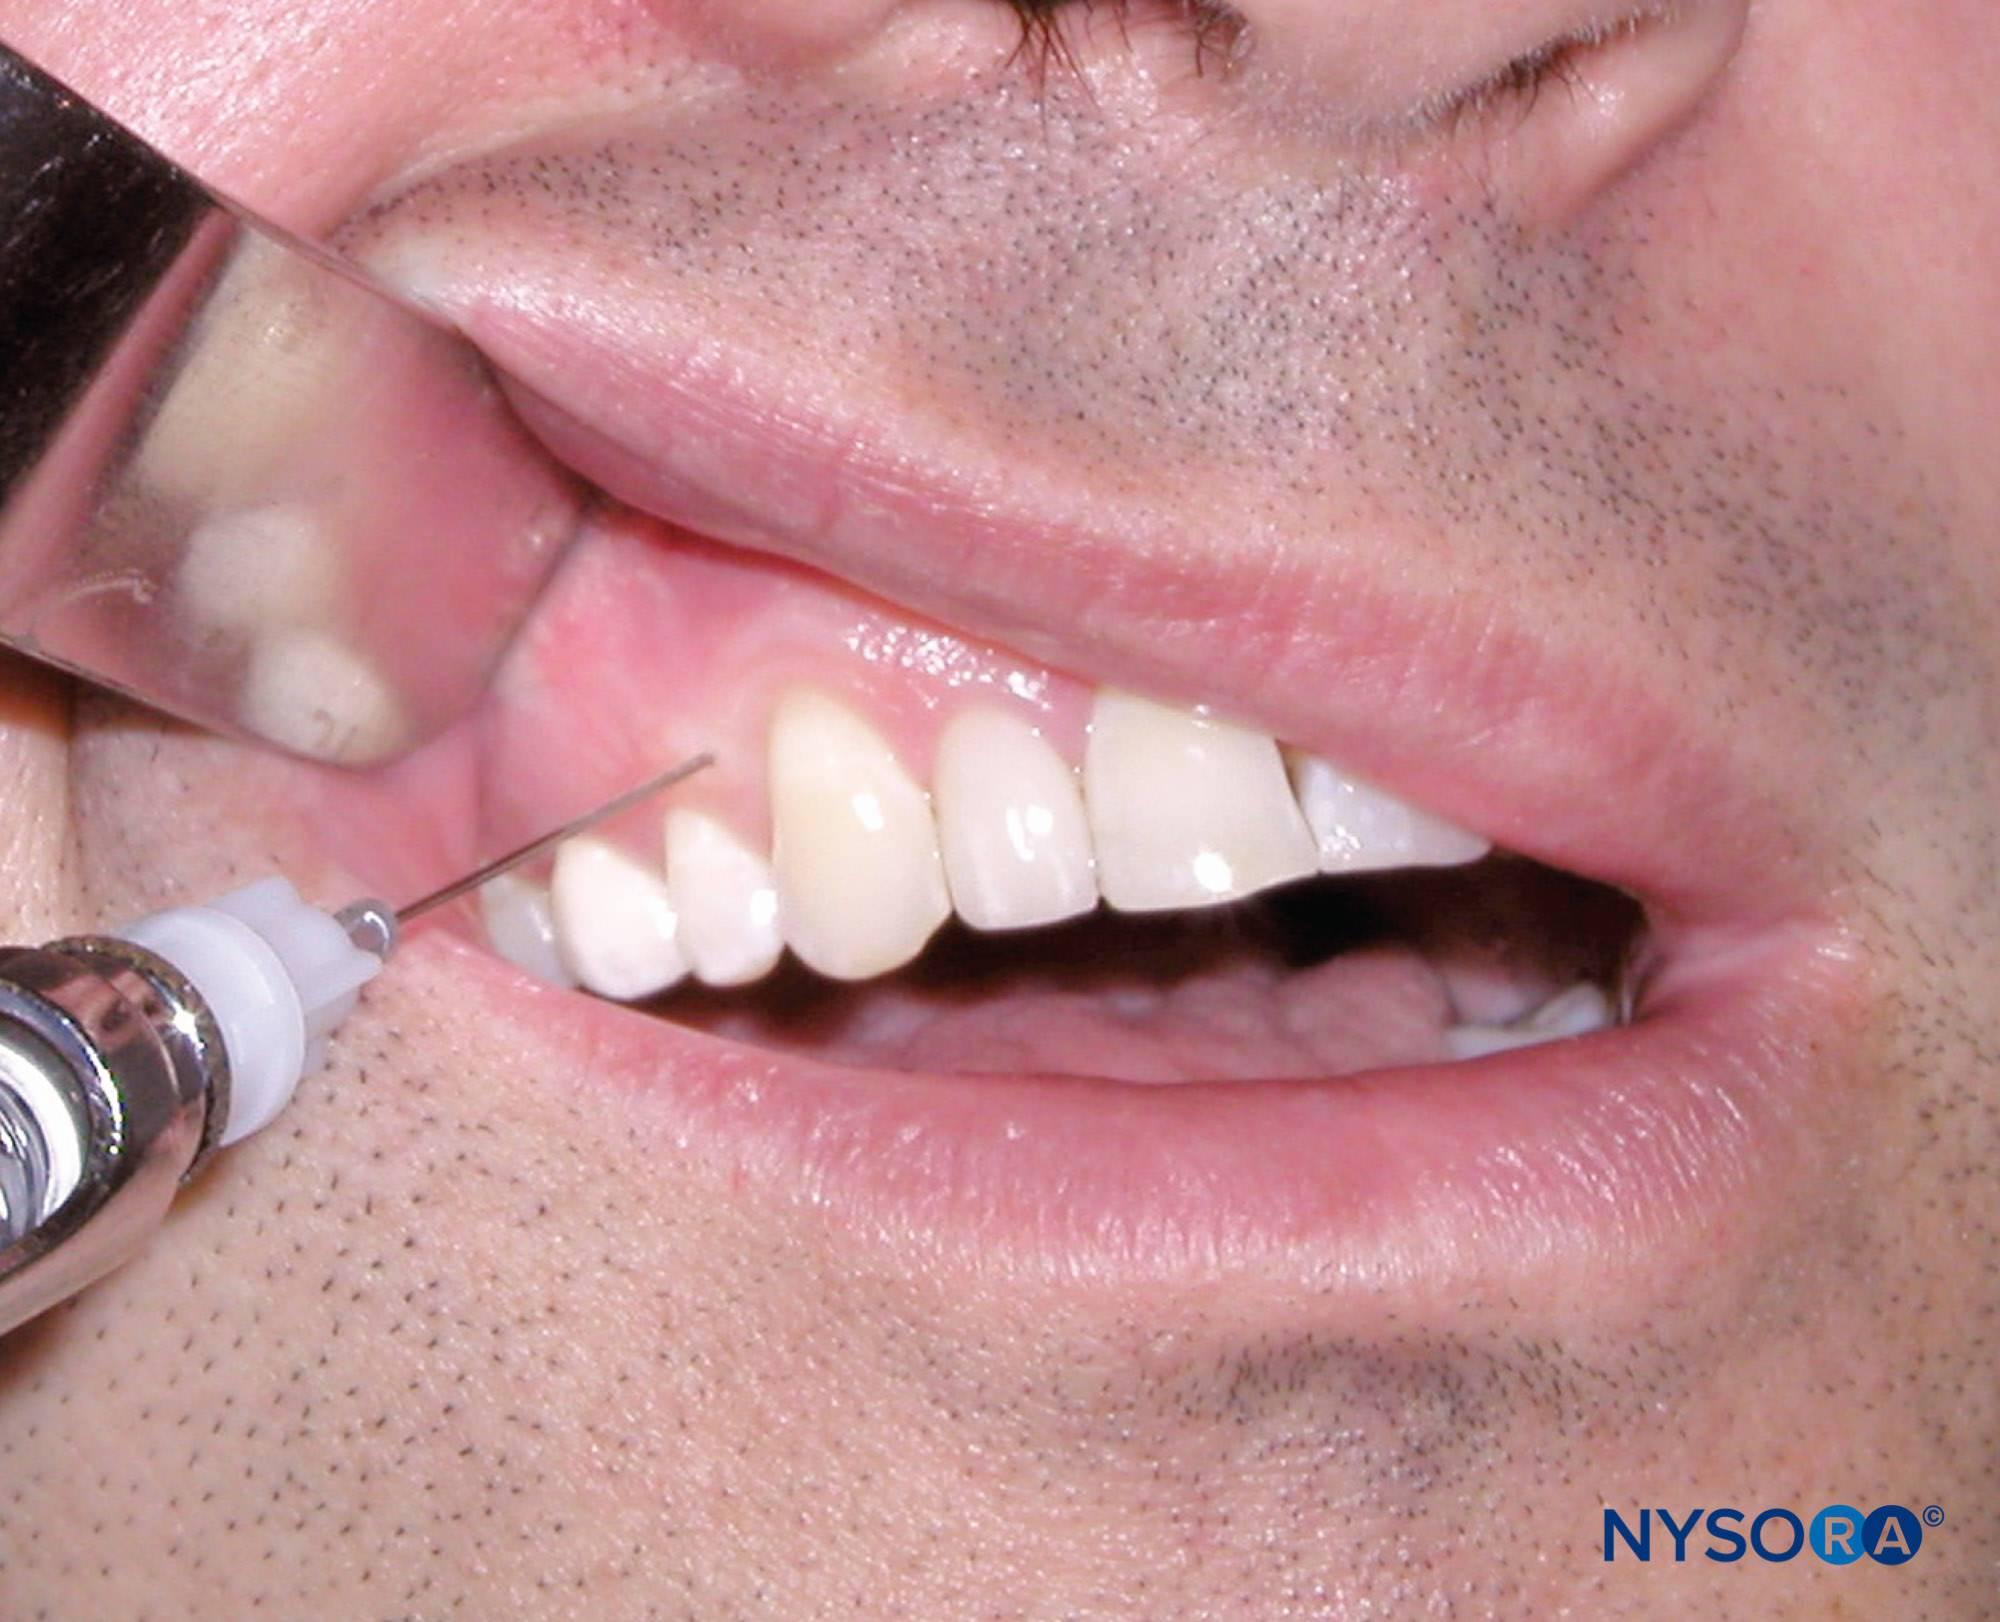 Через сколько отходит анестезия зуба после удаления и лечения